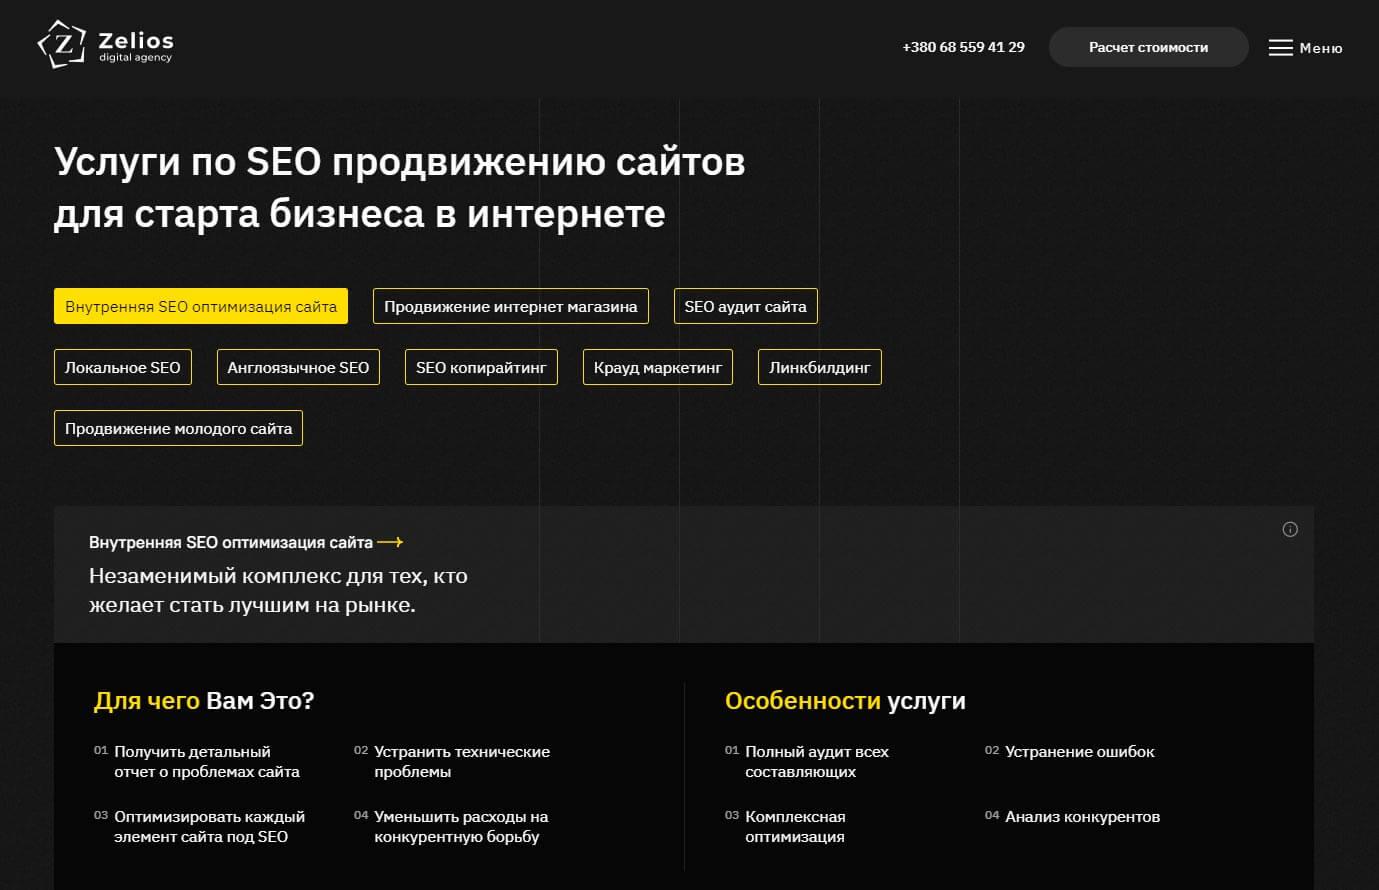 Zelios - обзор компании, услуги, отзывы, клиенты, Фото № 2 - google-seo.pro